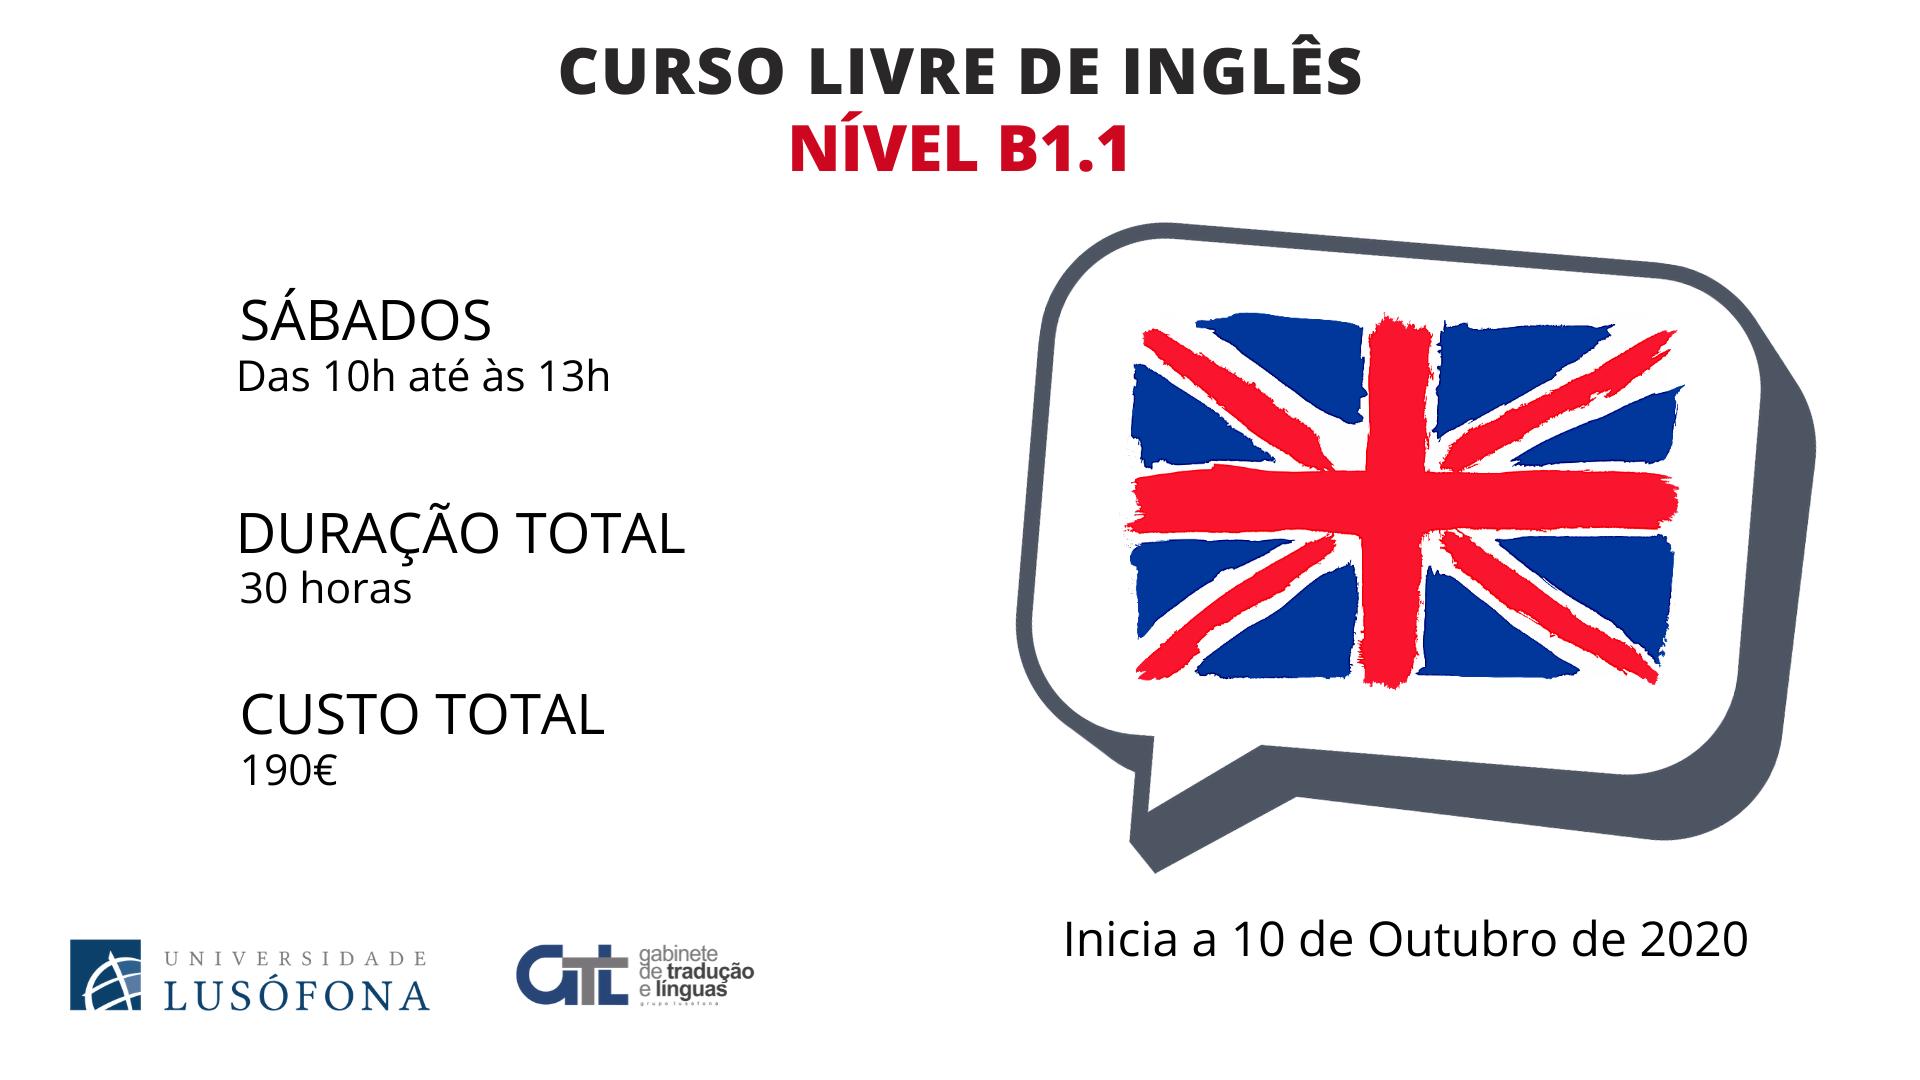 Curso Livre de Inglês – Nível B1.1